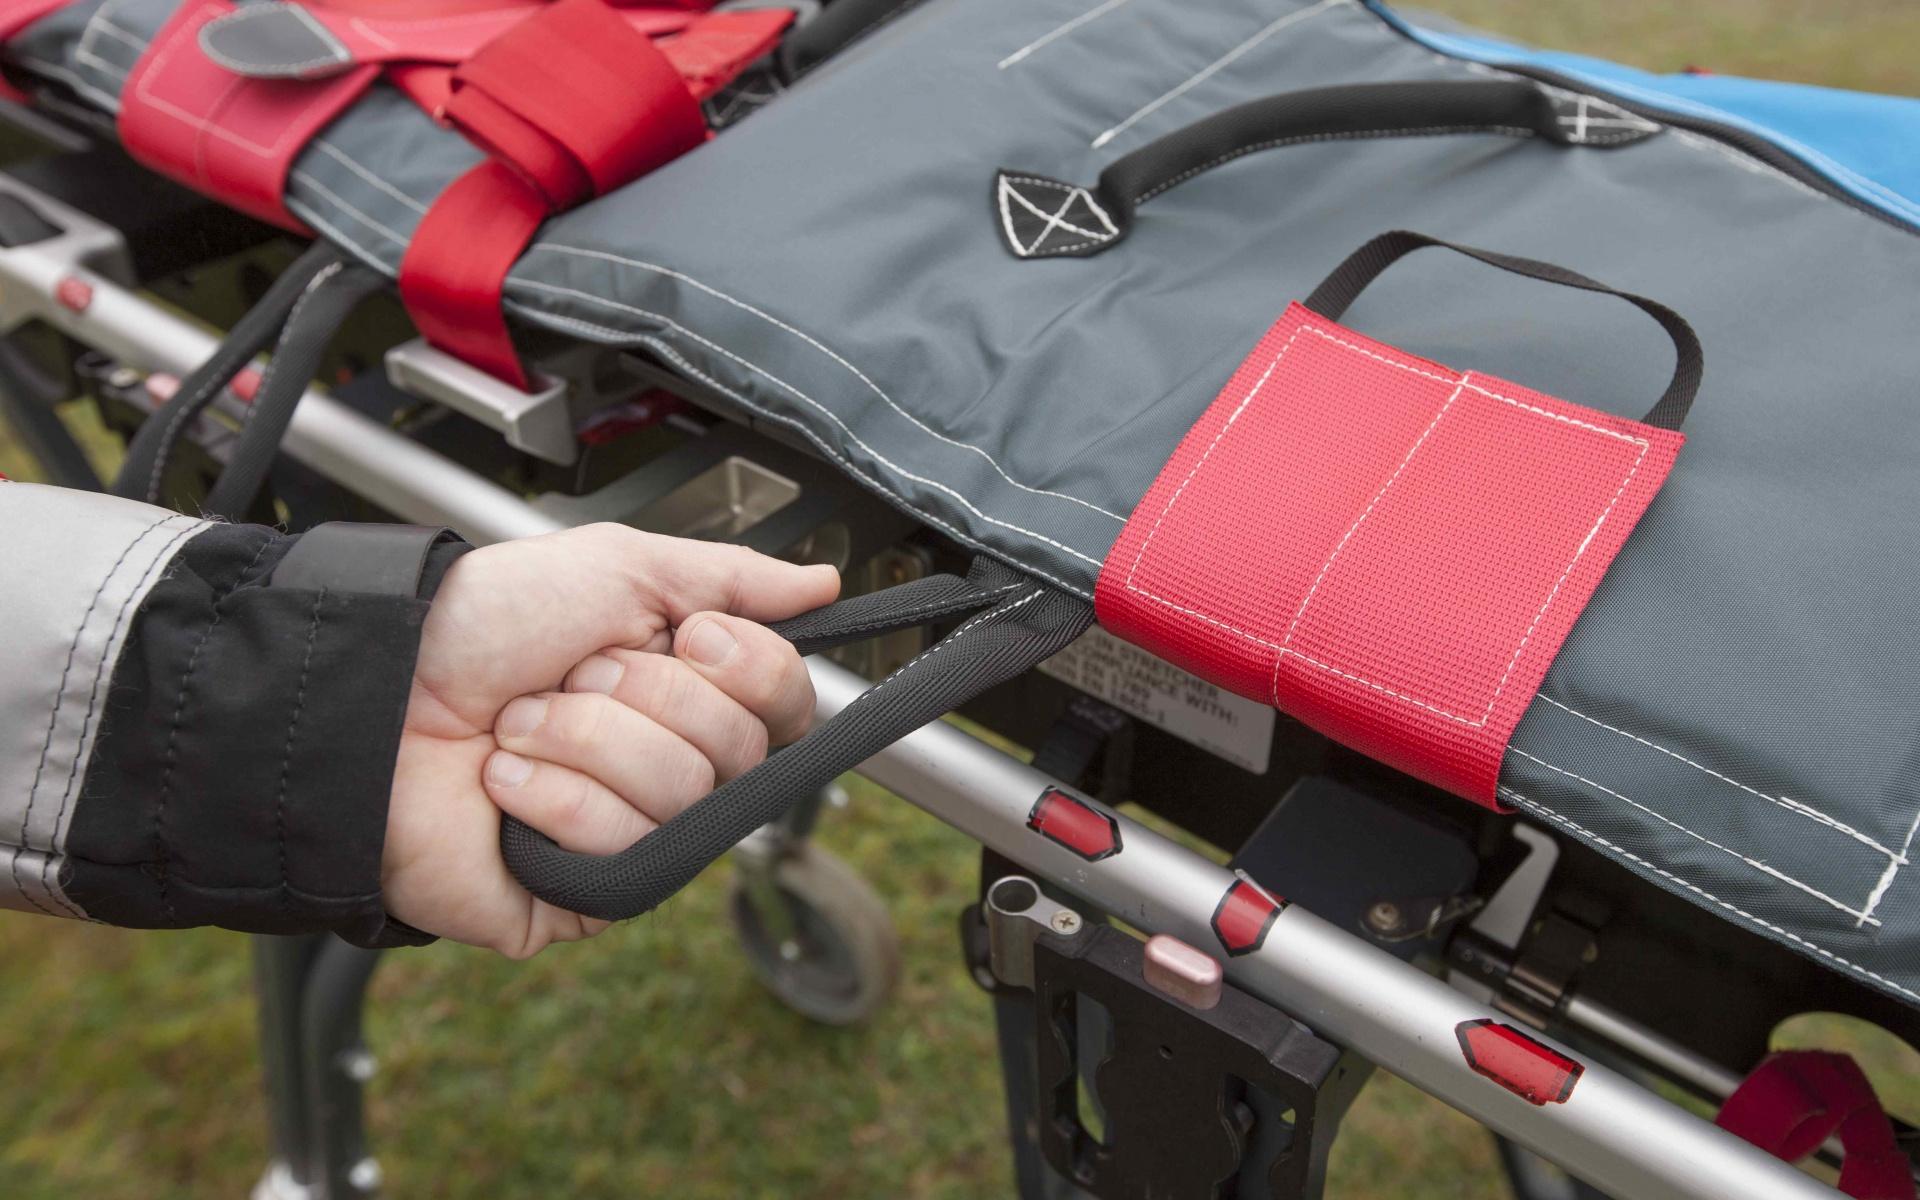 Schnellstmöglicher Transport: Sechs seitliche, enganliegende Halteschlaufen erleichtern es den Luftrettern, ihre Patienten über Steilhänge oder unebenen Boden bis zu einer Roll-Trage oder dem Hubschrauber zu tragen.